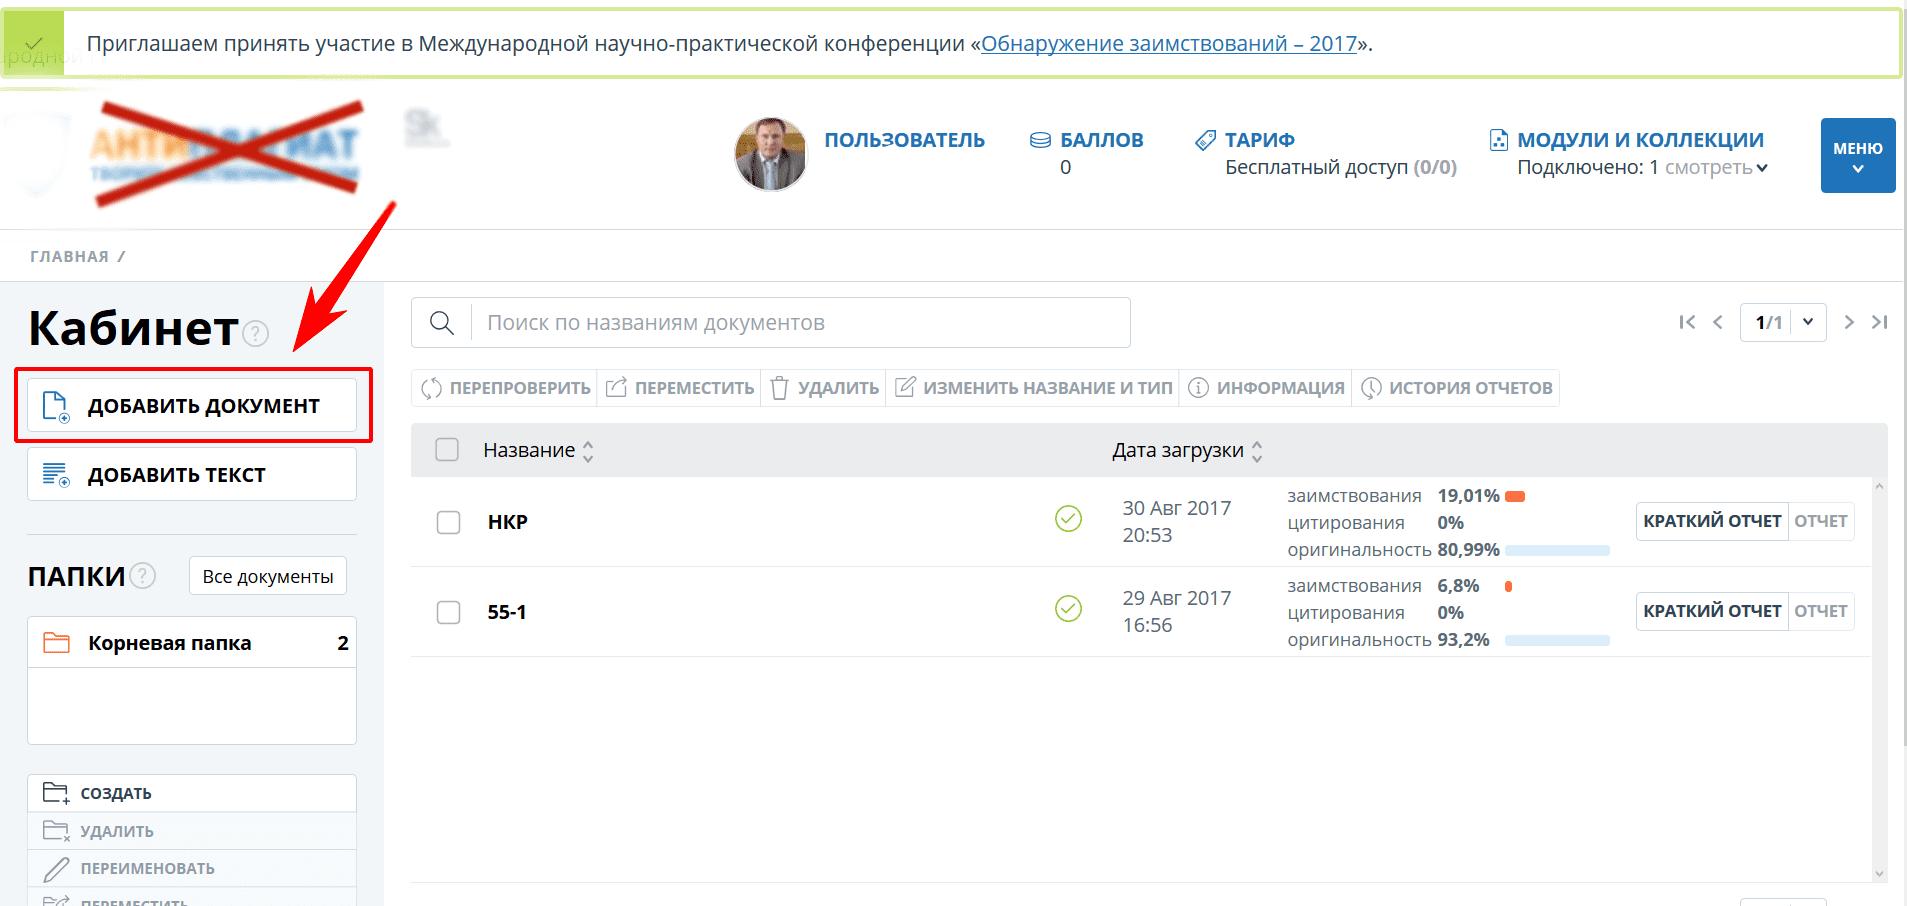 Проверить работу на антиплагиат онлайн бесплатно Инструкция как загрузить работу на проверку в антиплагиат ру